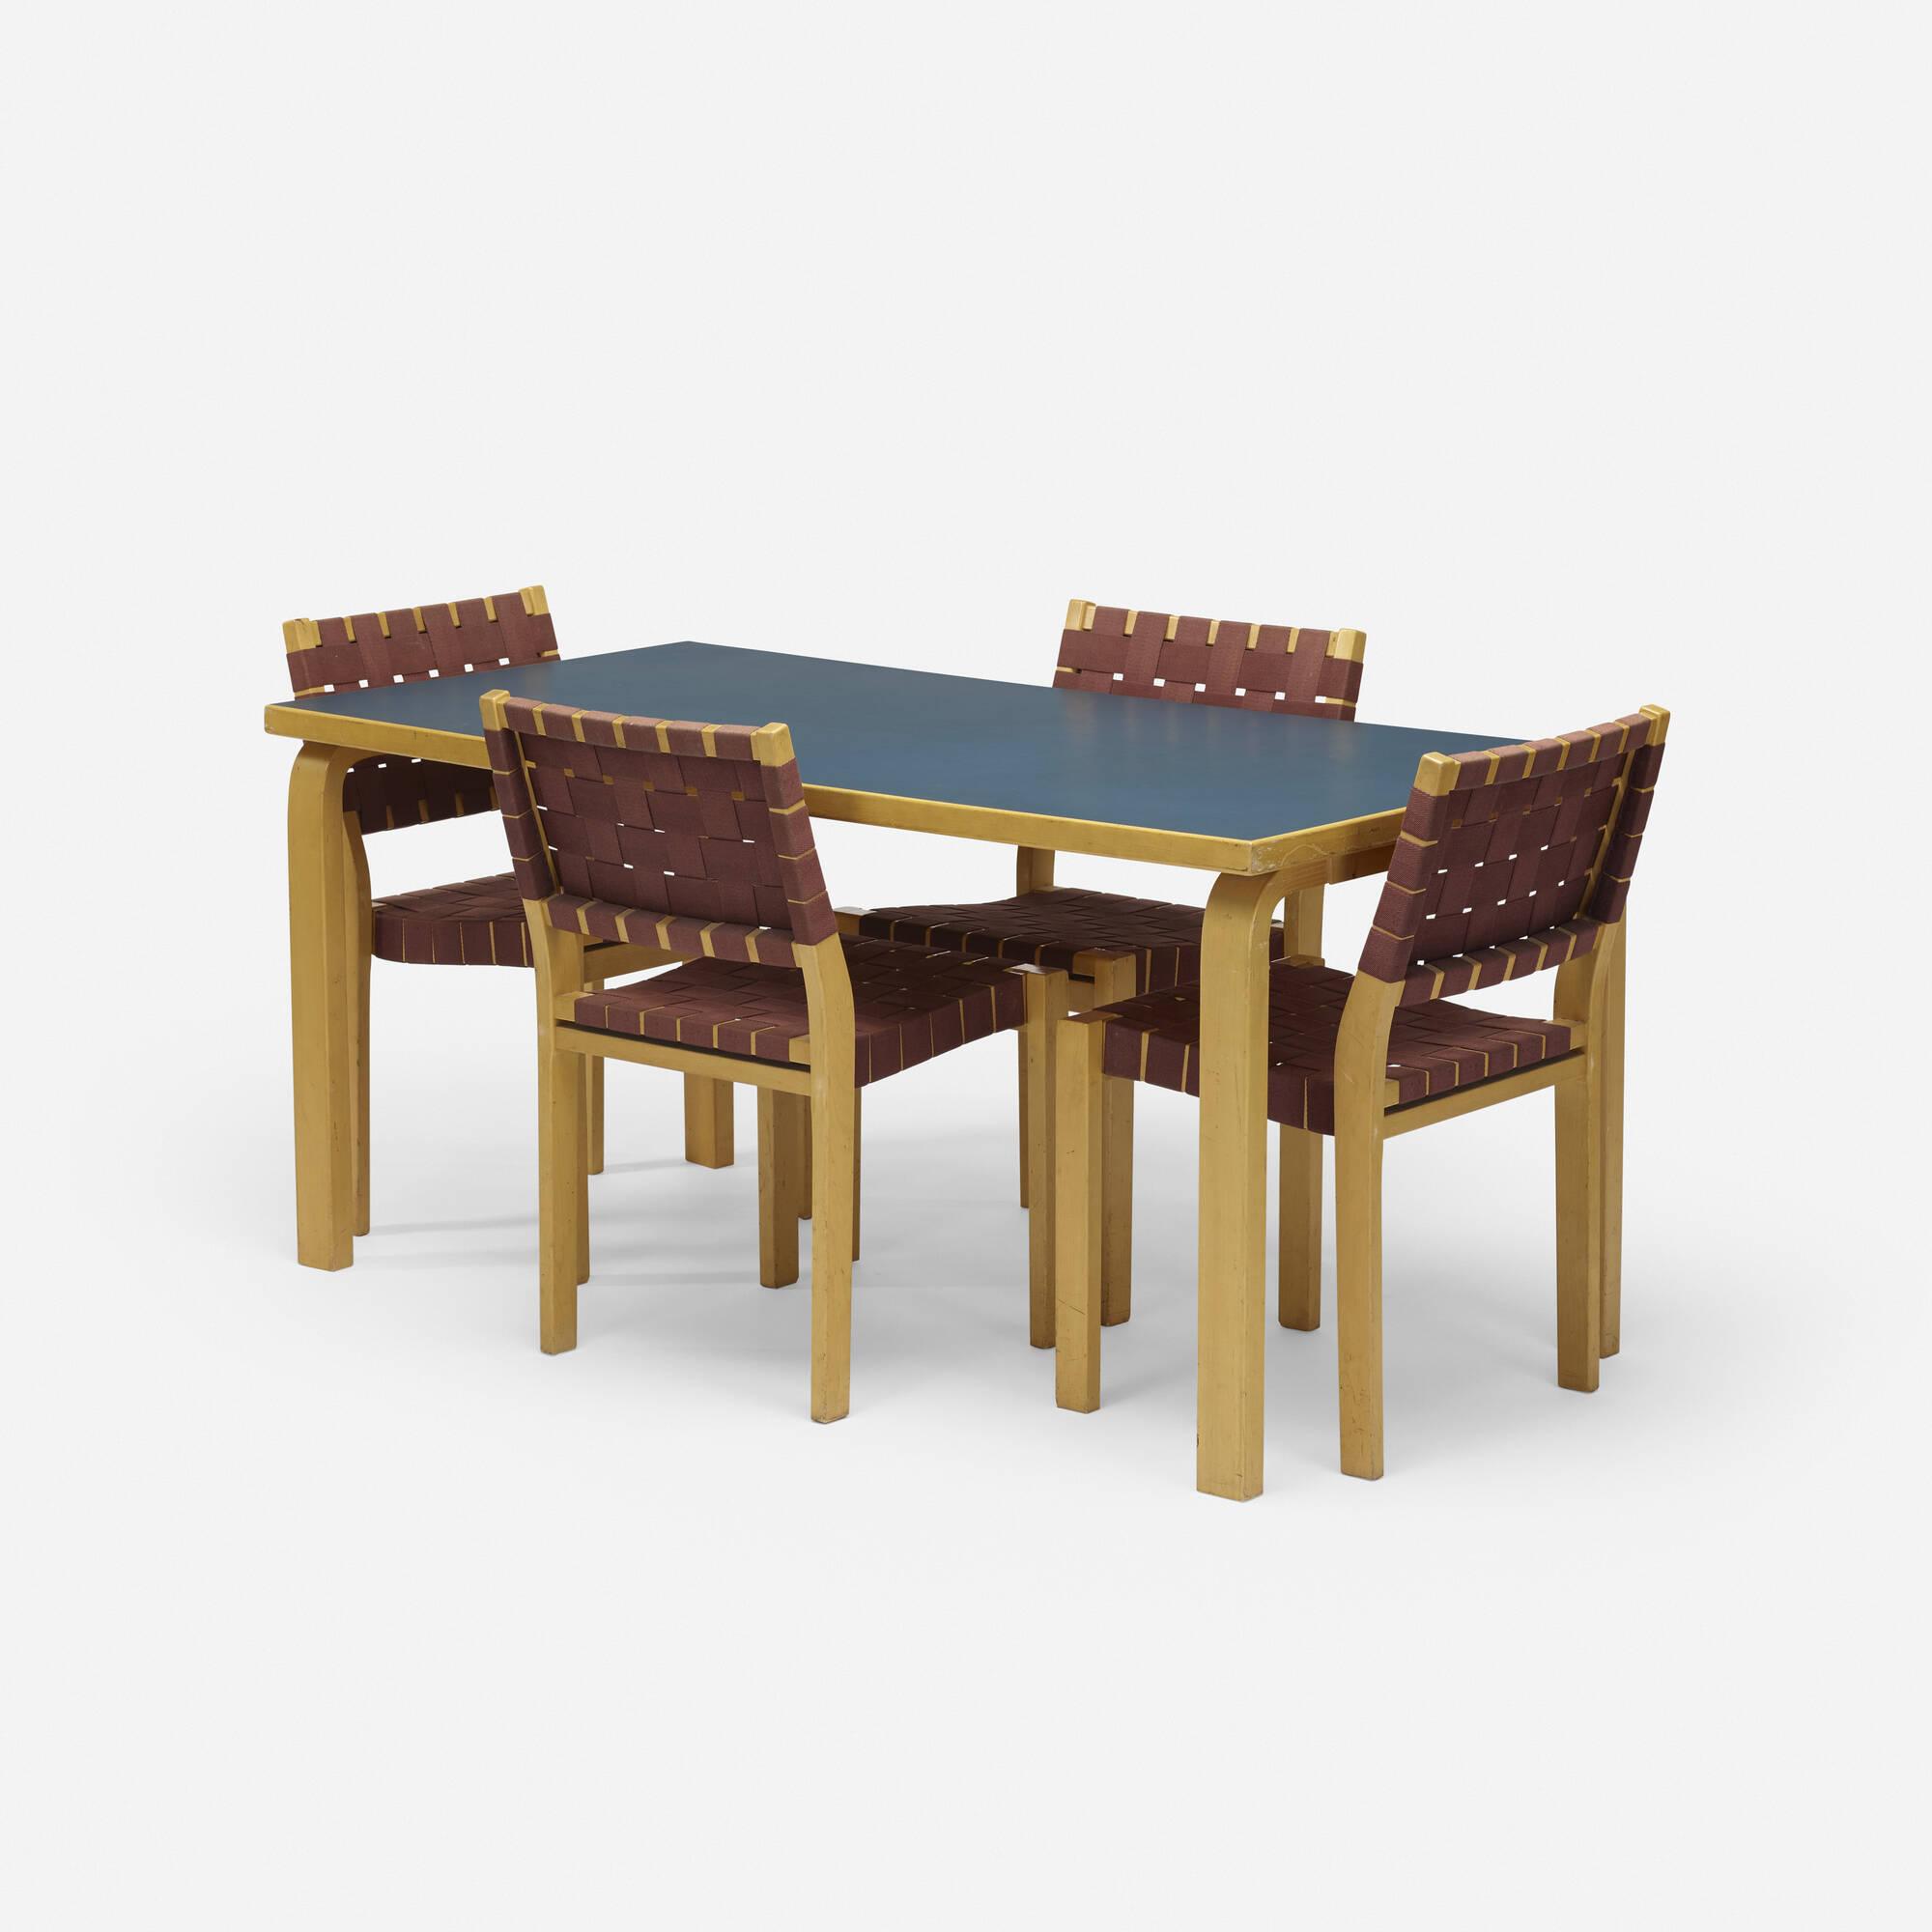 101: Alvar Aalto / dining set (1 of 2)